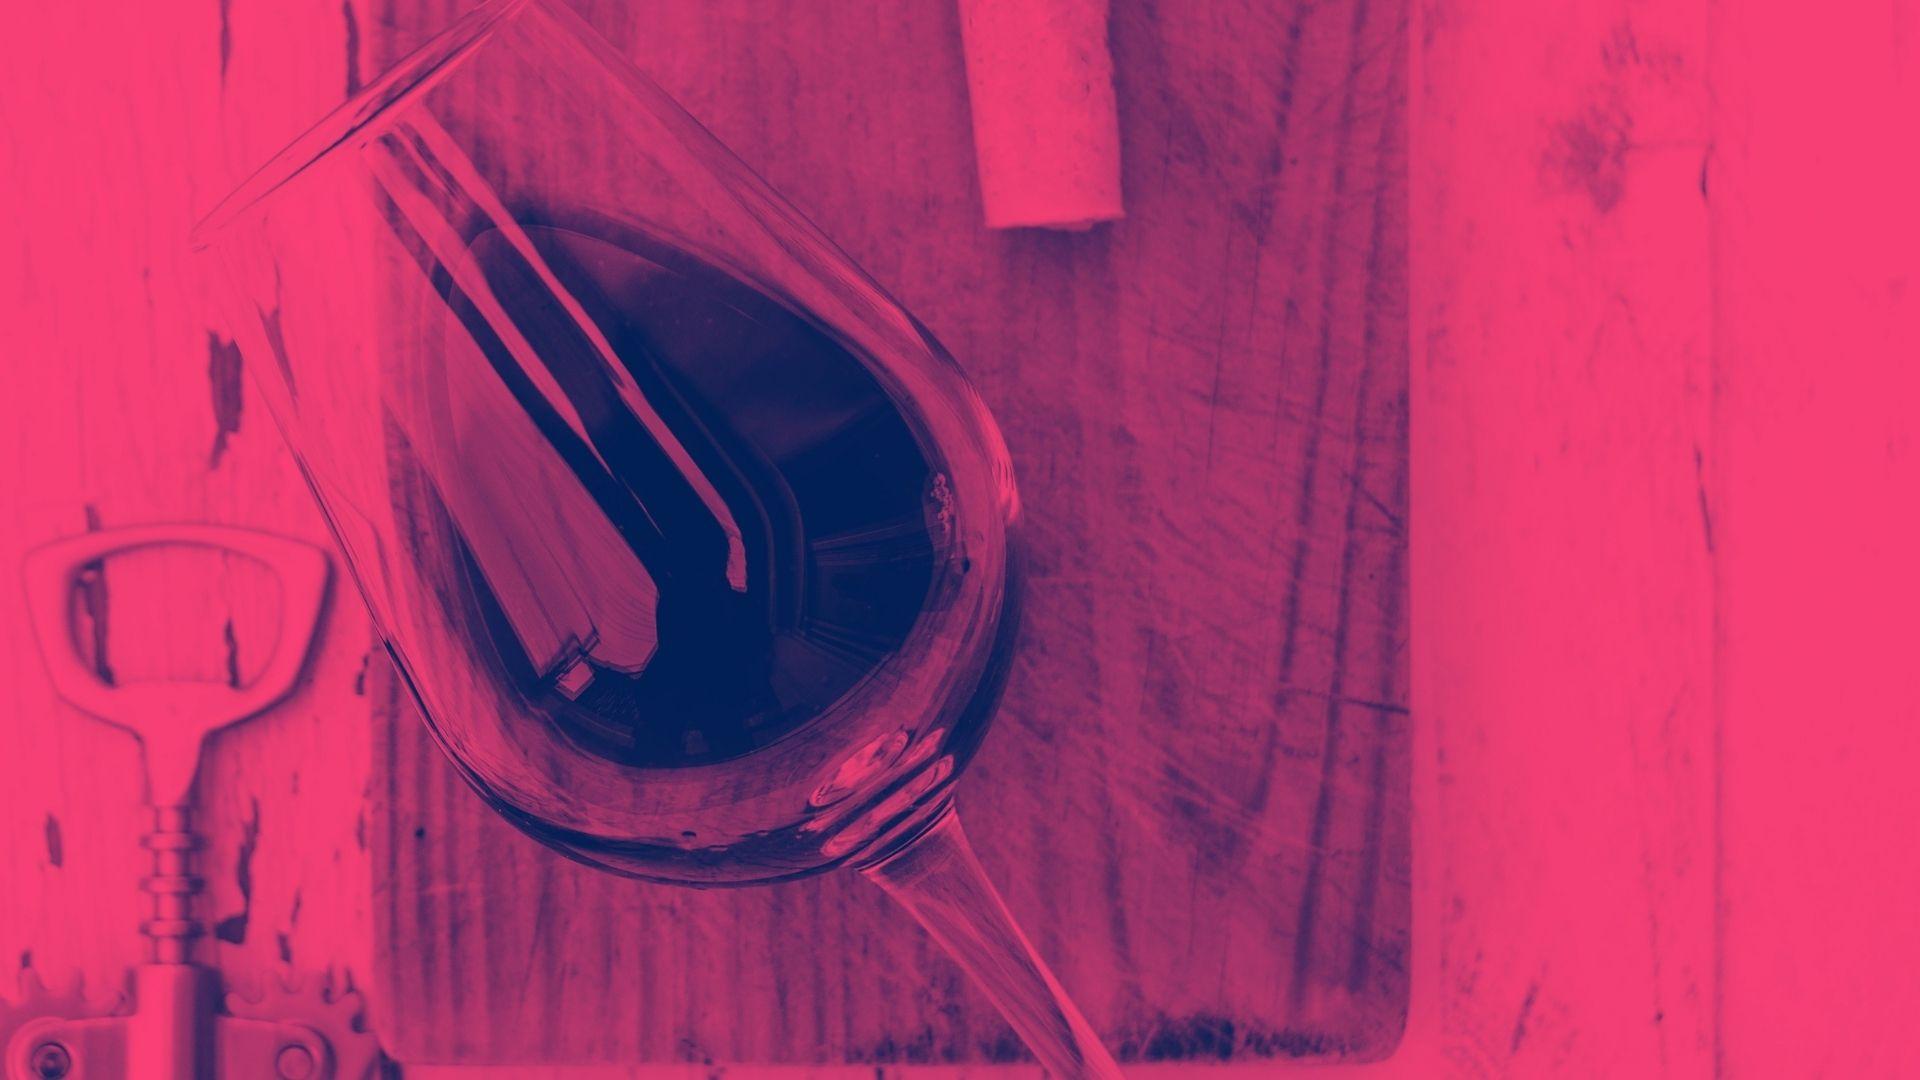 Quanto lasciare aperta una bottiglia di vino?